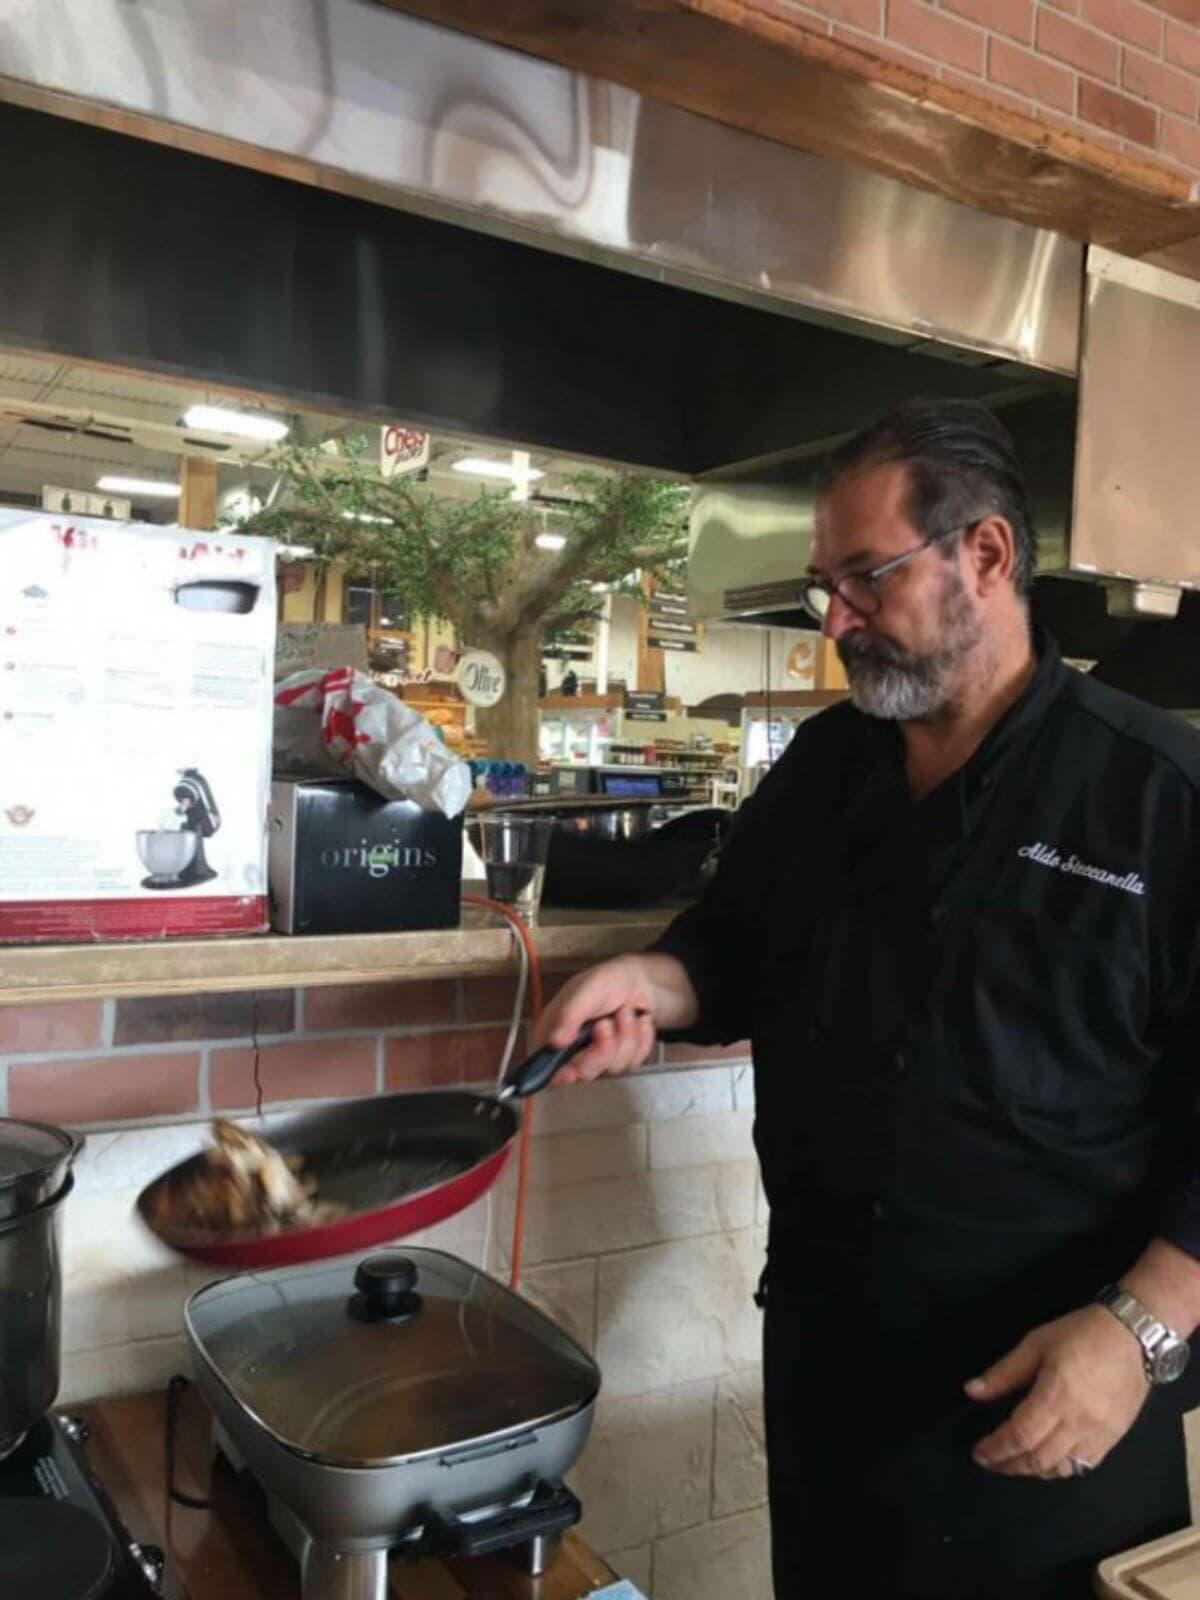 Auto City Dallas Tx >> Chef Aldo Steccanella and Acavatore's Fine Italian present Regional Lombardy Wine Tasting Dinner ...